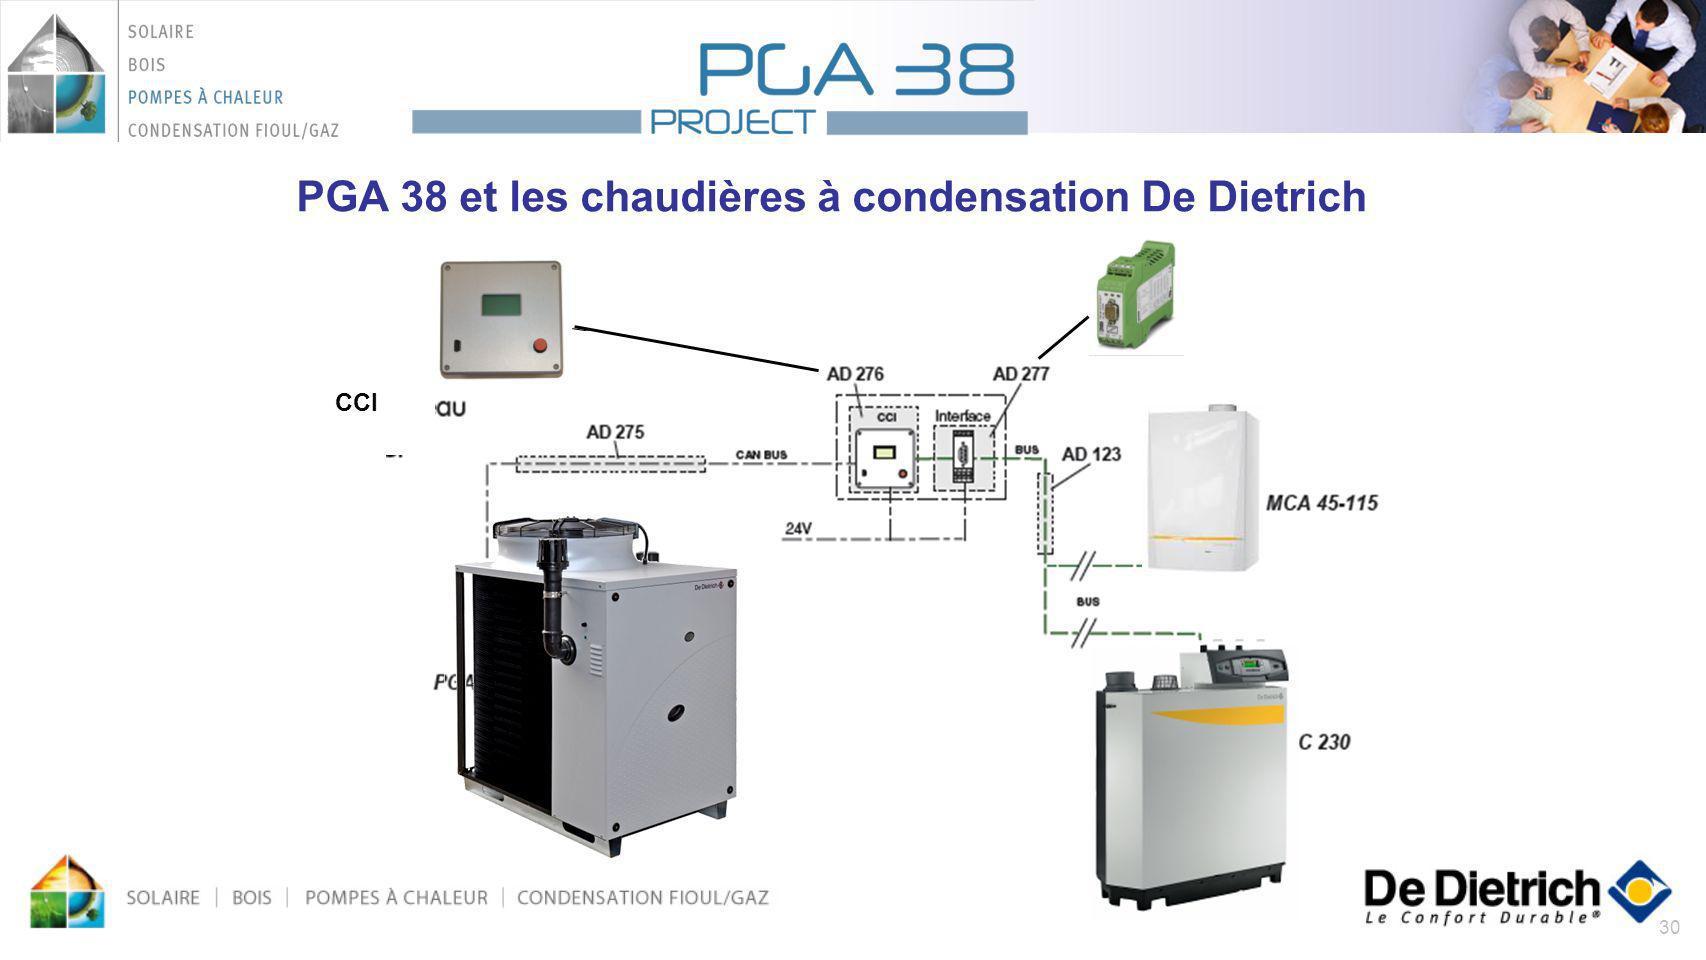 PGA 38 et les chaudières à condensation De Dietrich